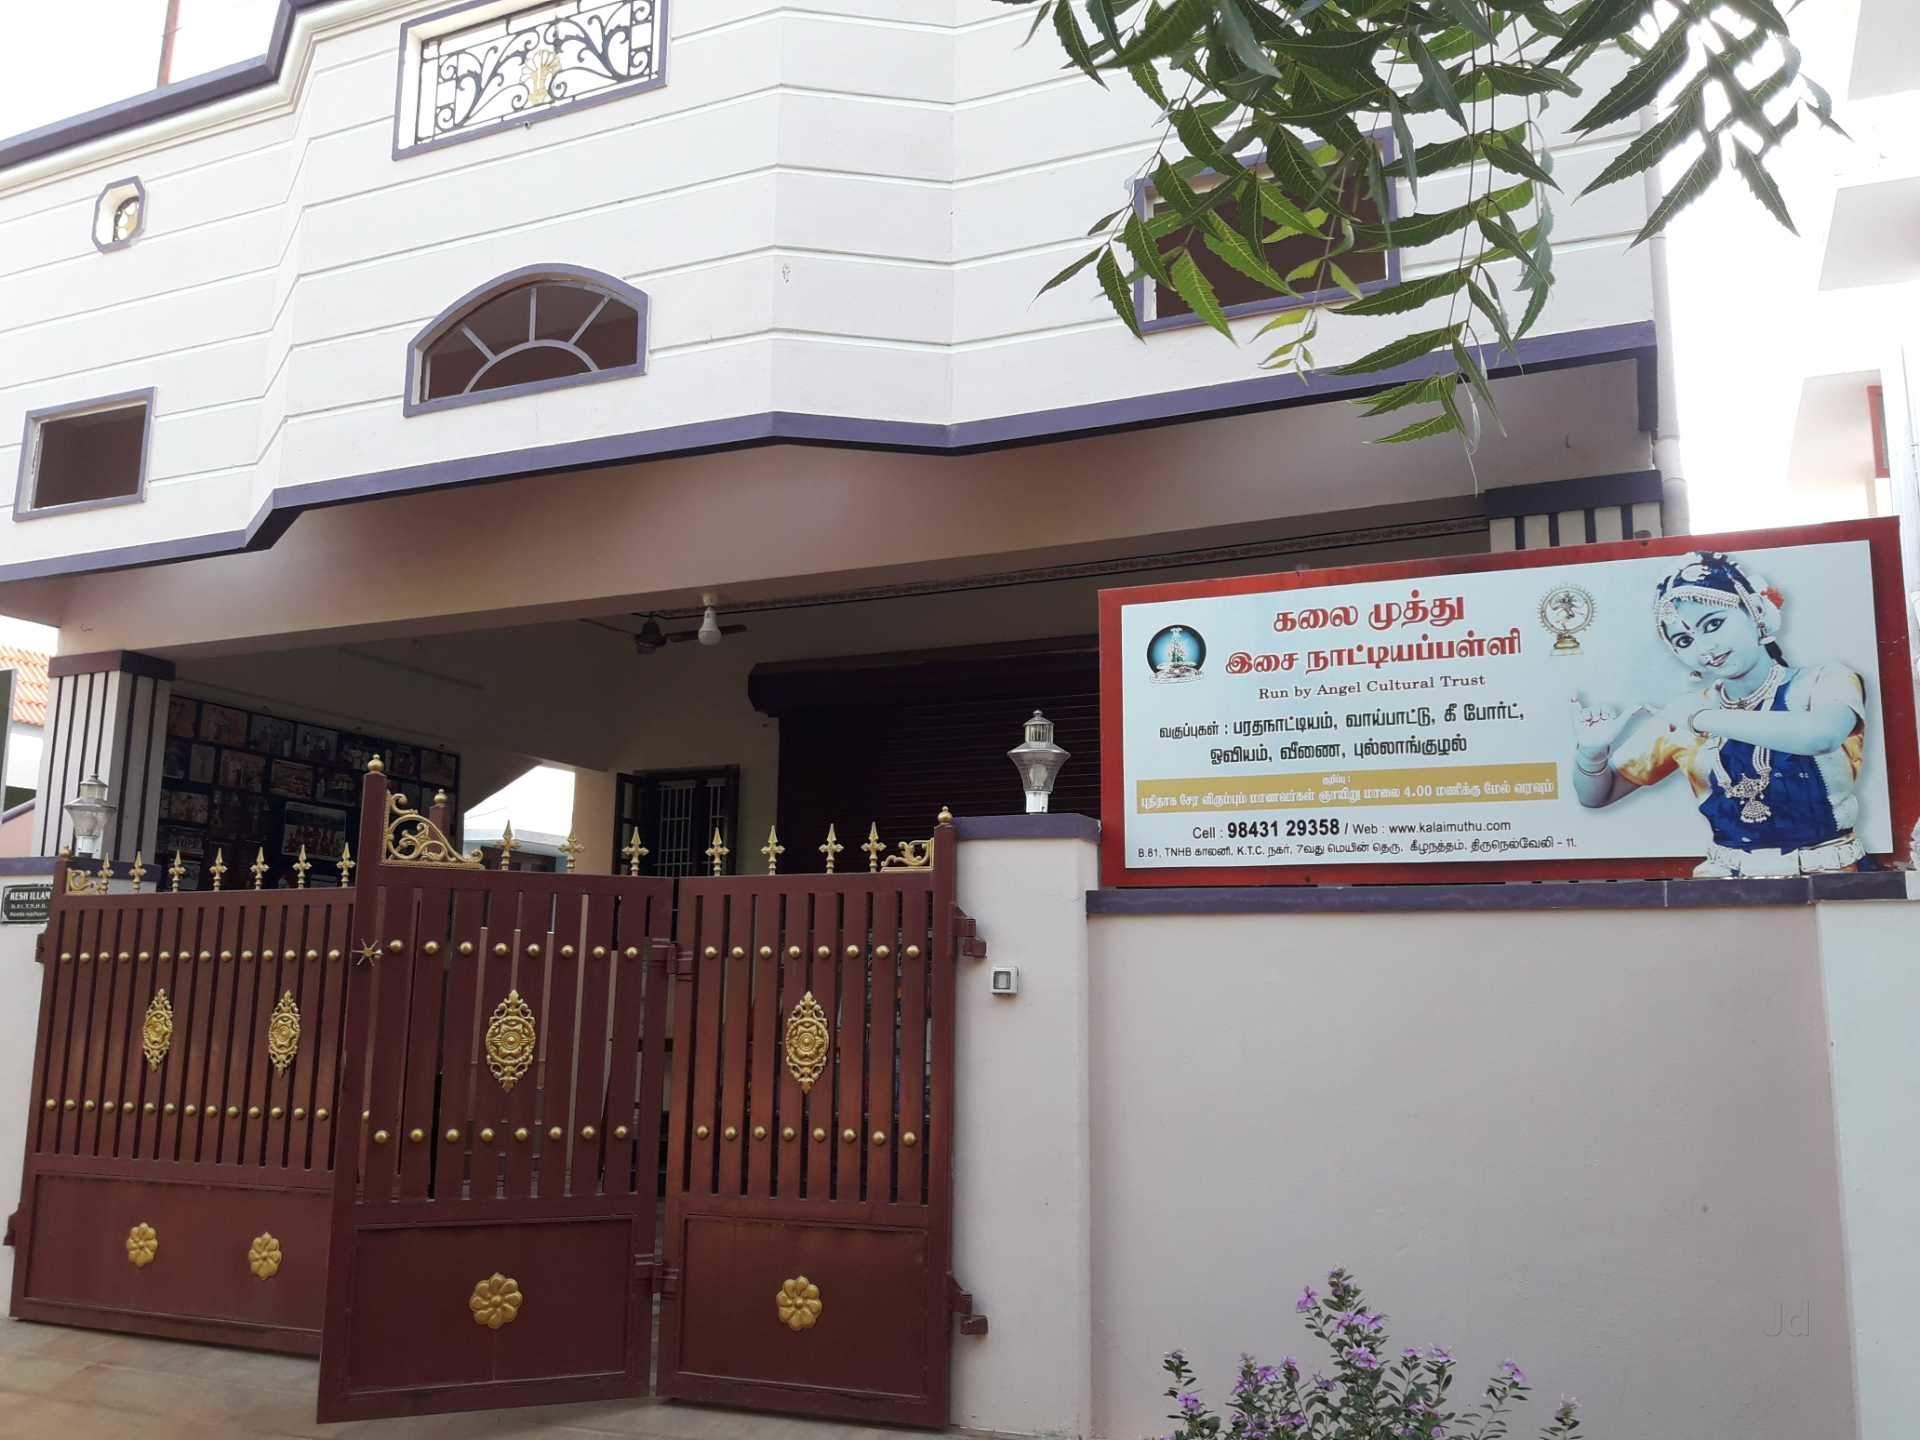 Top 20 Music Classes in Tirunelveli - Best Music Schools